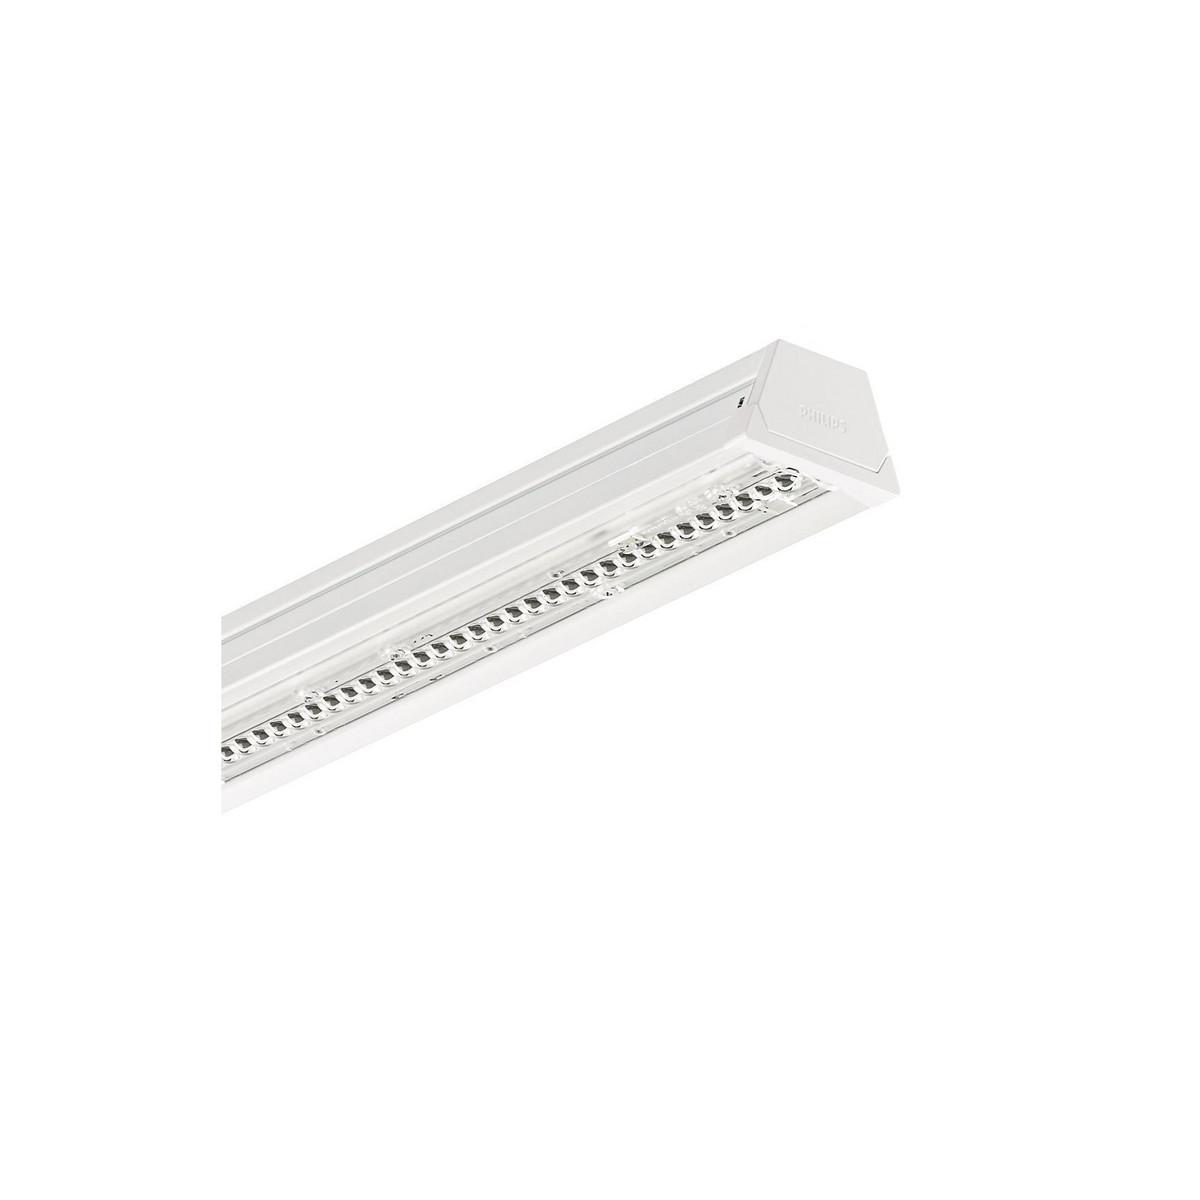 Coreline Trunking LL121X 8000lm/840 1700mm Bredstrålende 3F-gennemfortrådning